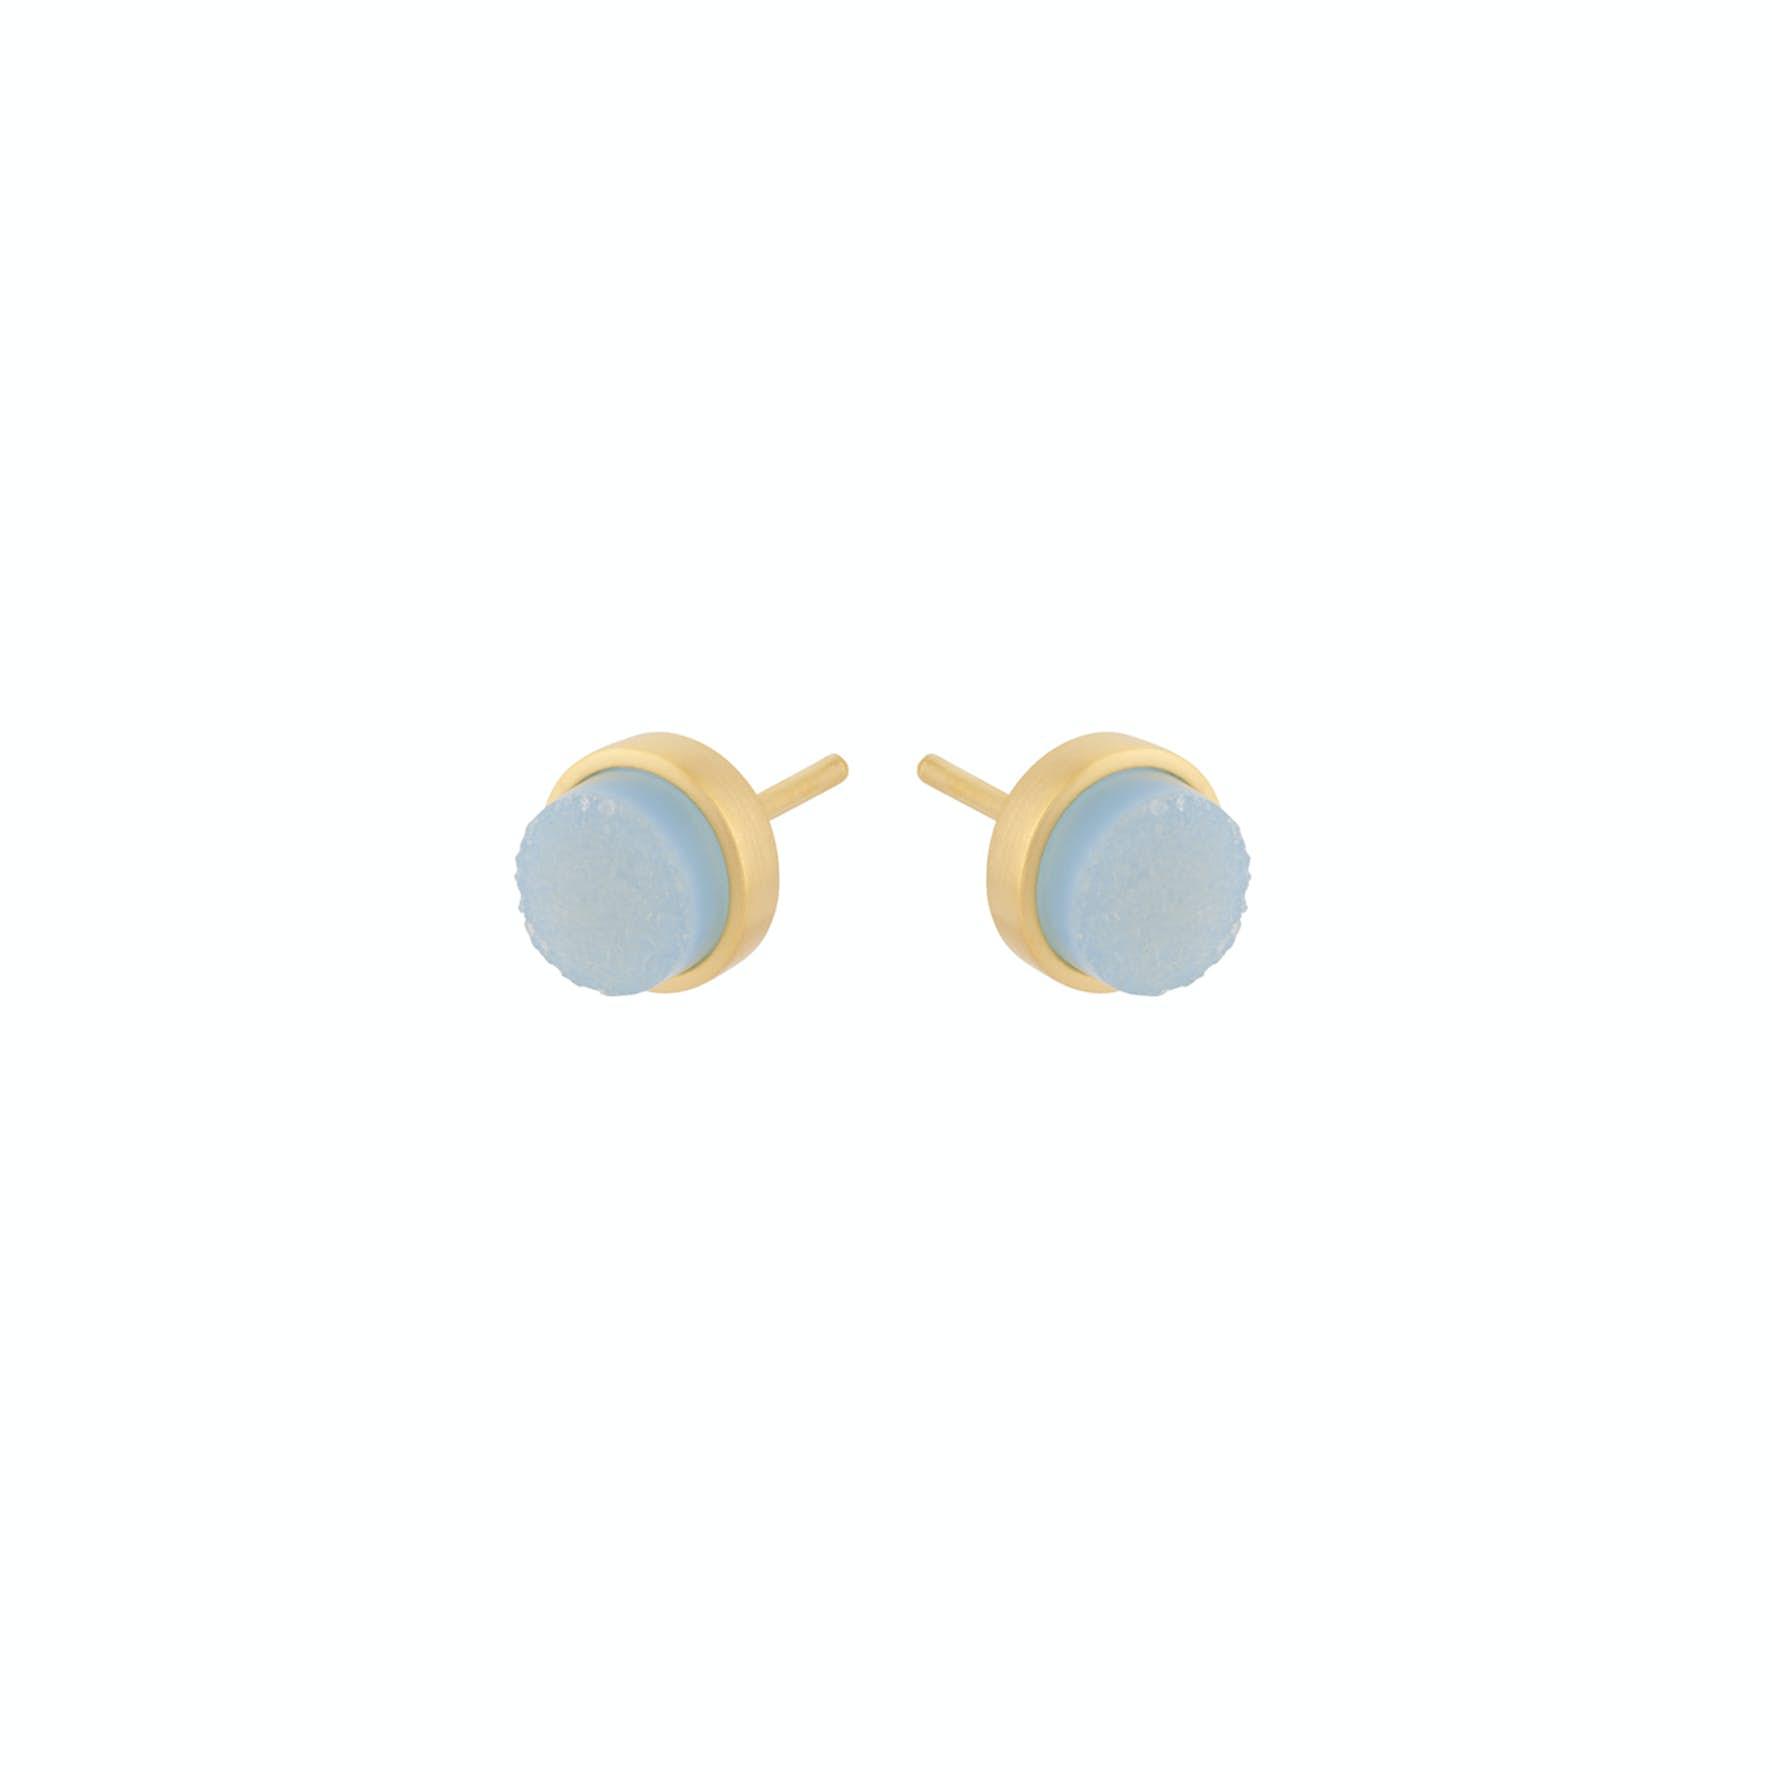 Shallow Earsticks von Pernille Corydon in Vergoldet-Silber Sterling 925